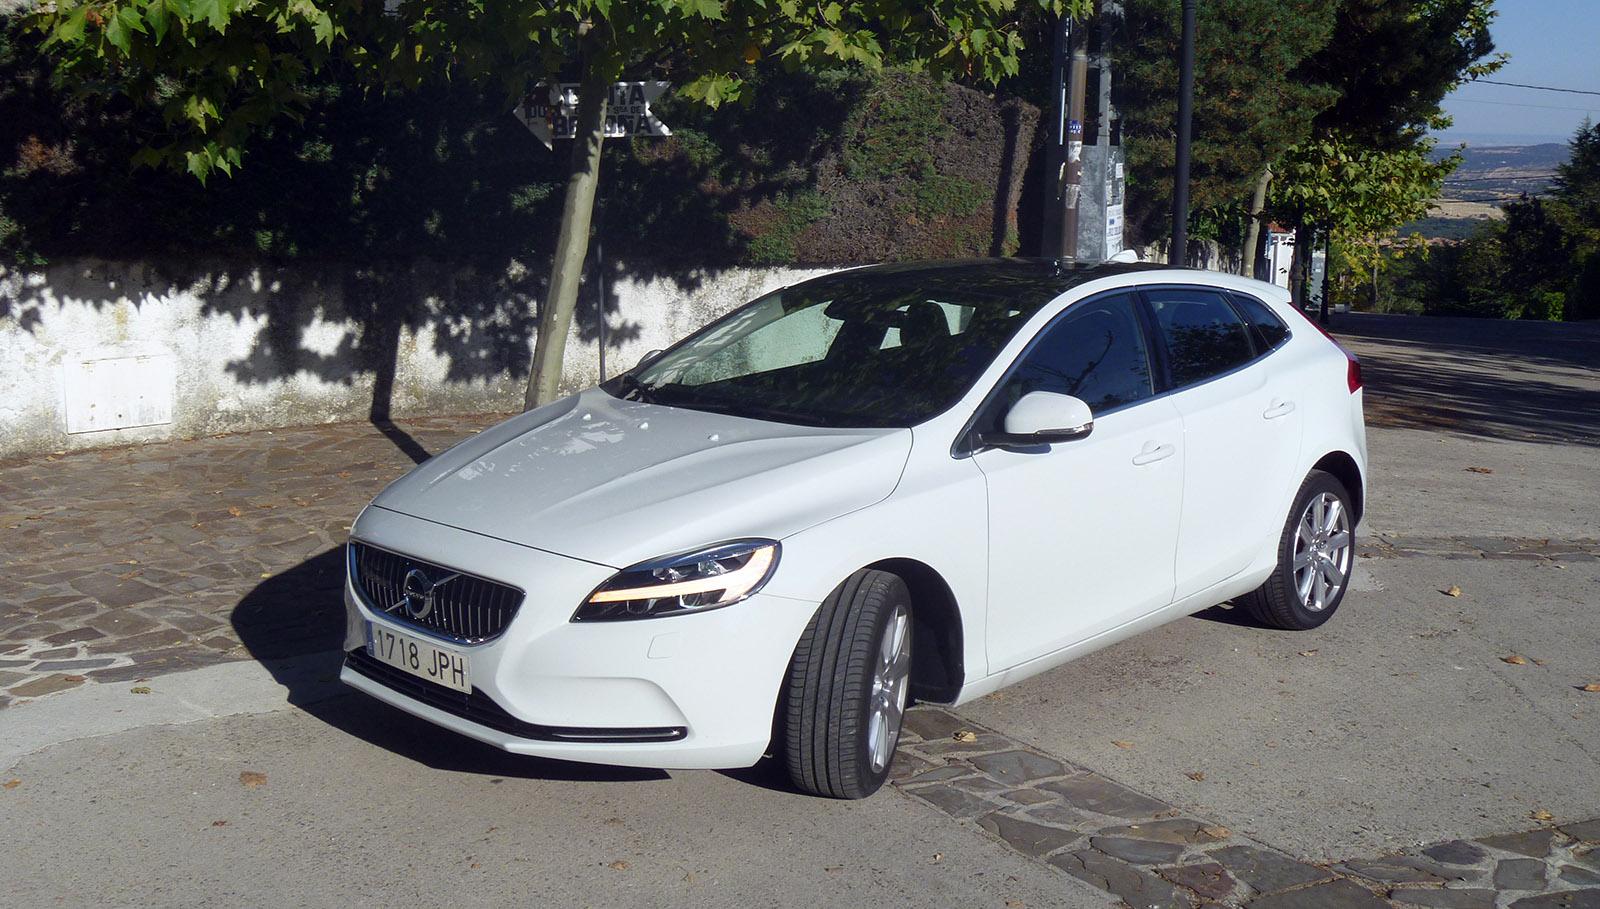 El Volvo V40 T2 es la versión de acceso en gasolina a la gama V40. Puede montar un cambio automático de 6 velocidades